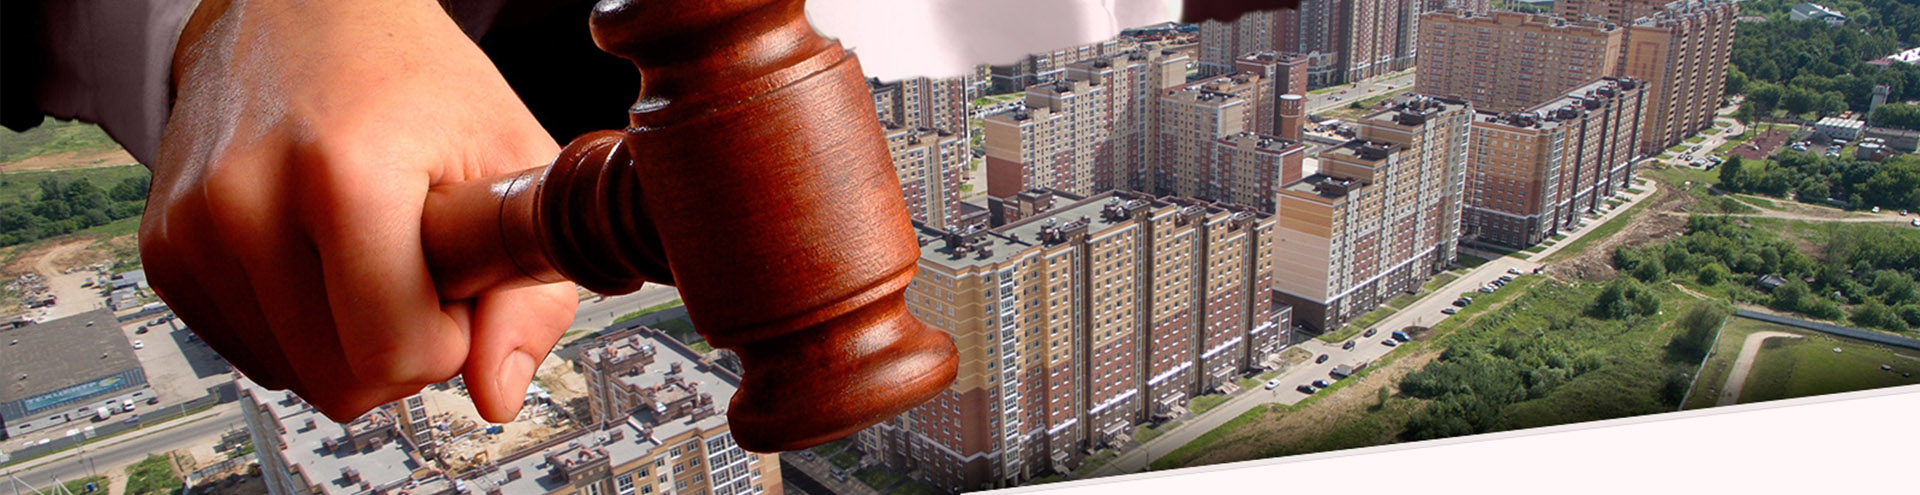 Суд с застройщиком в Ярославле и Ярославской области